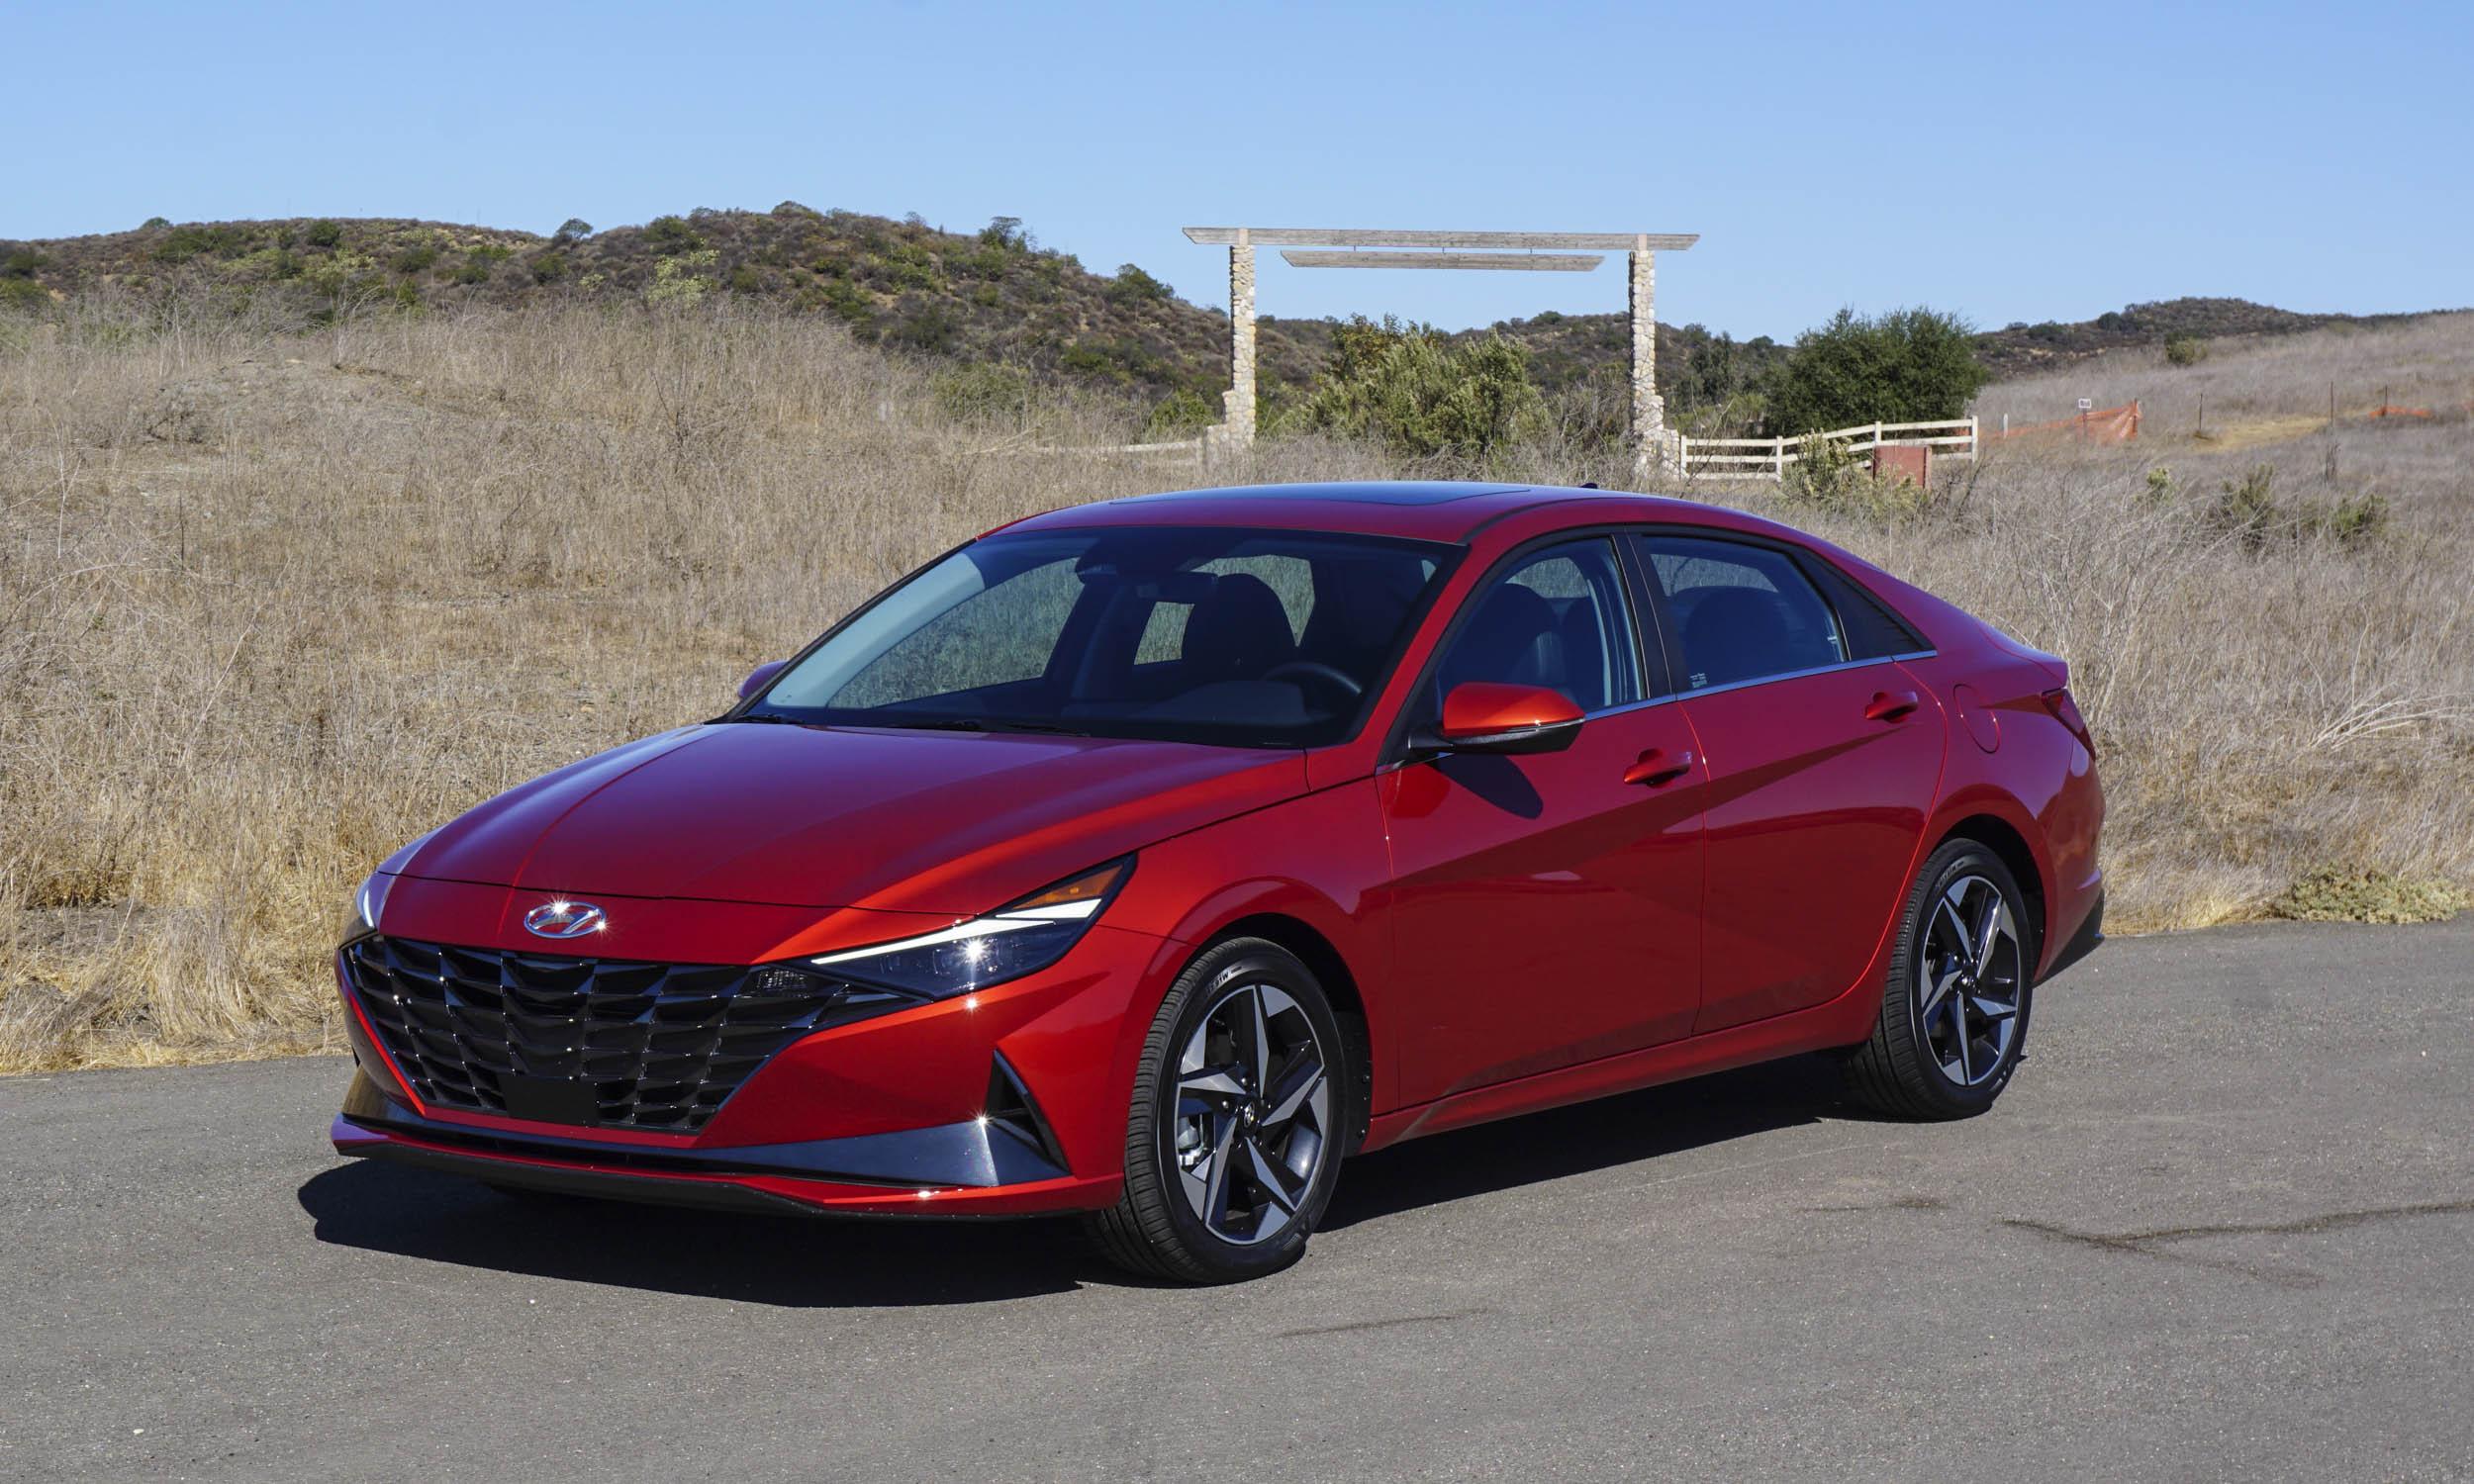 2021 Hyundai Elantra First Drive Reviewnbsp